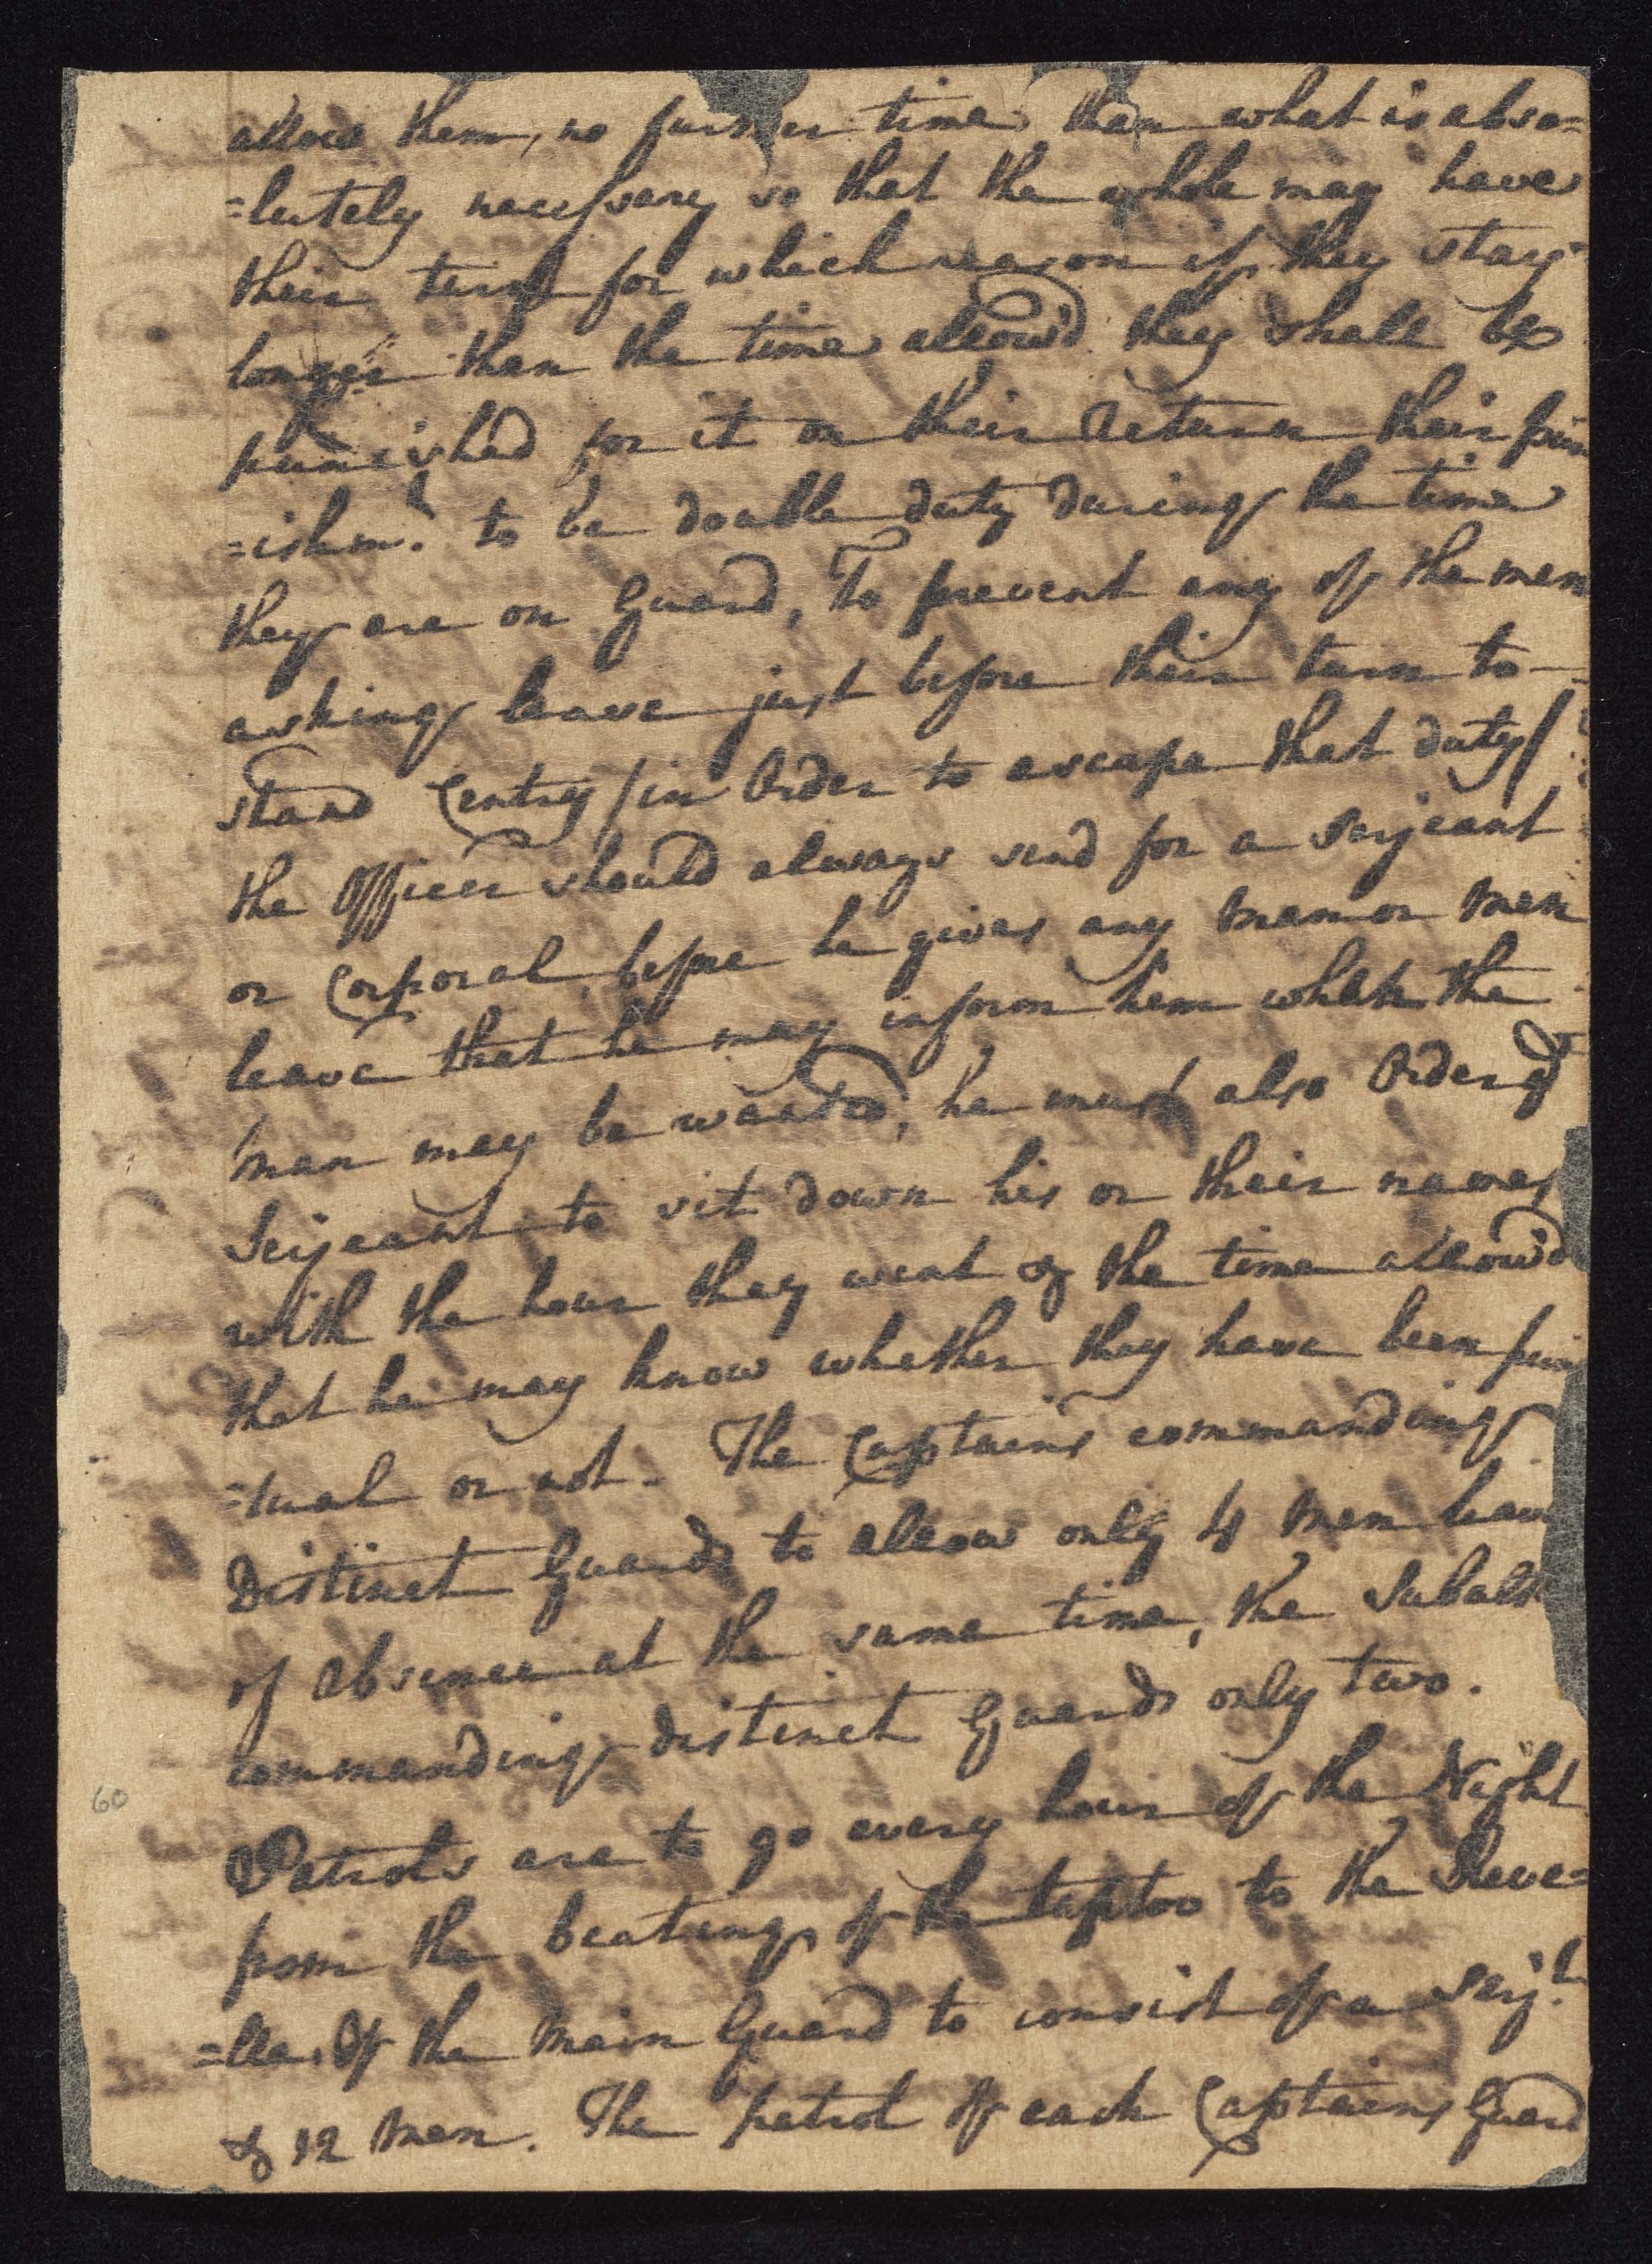 South Carolina Regiment Order Book, Page 119